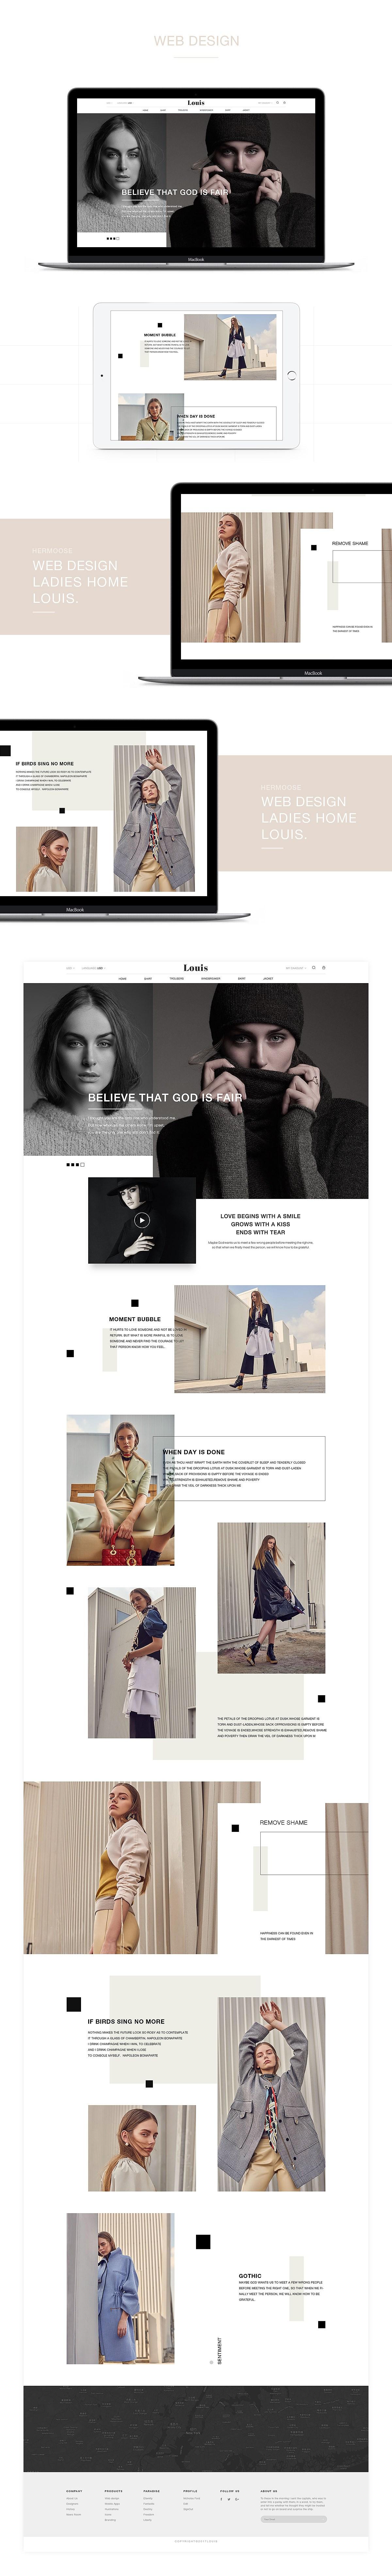 时尚女装网页